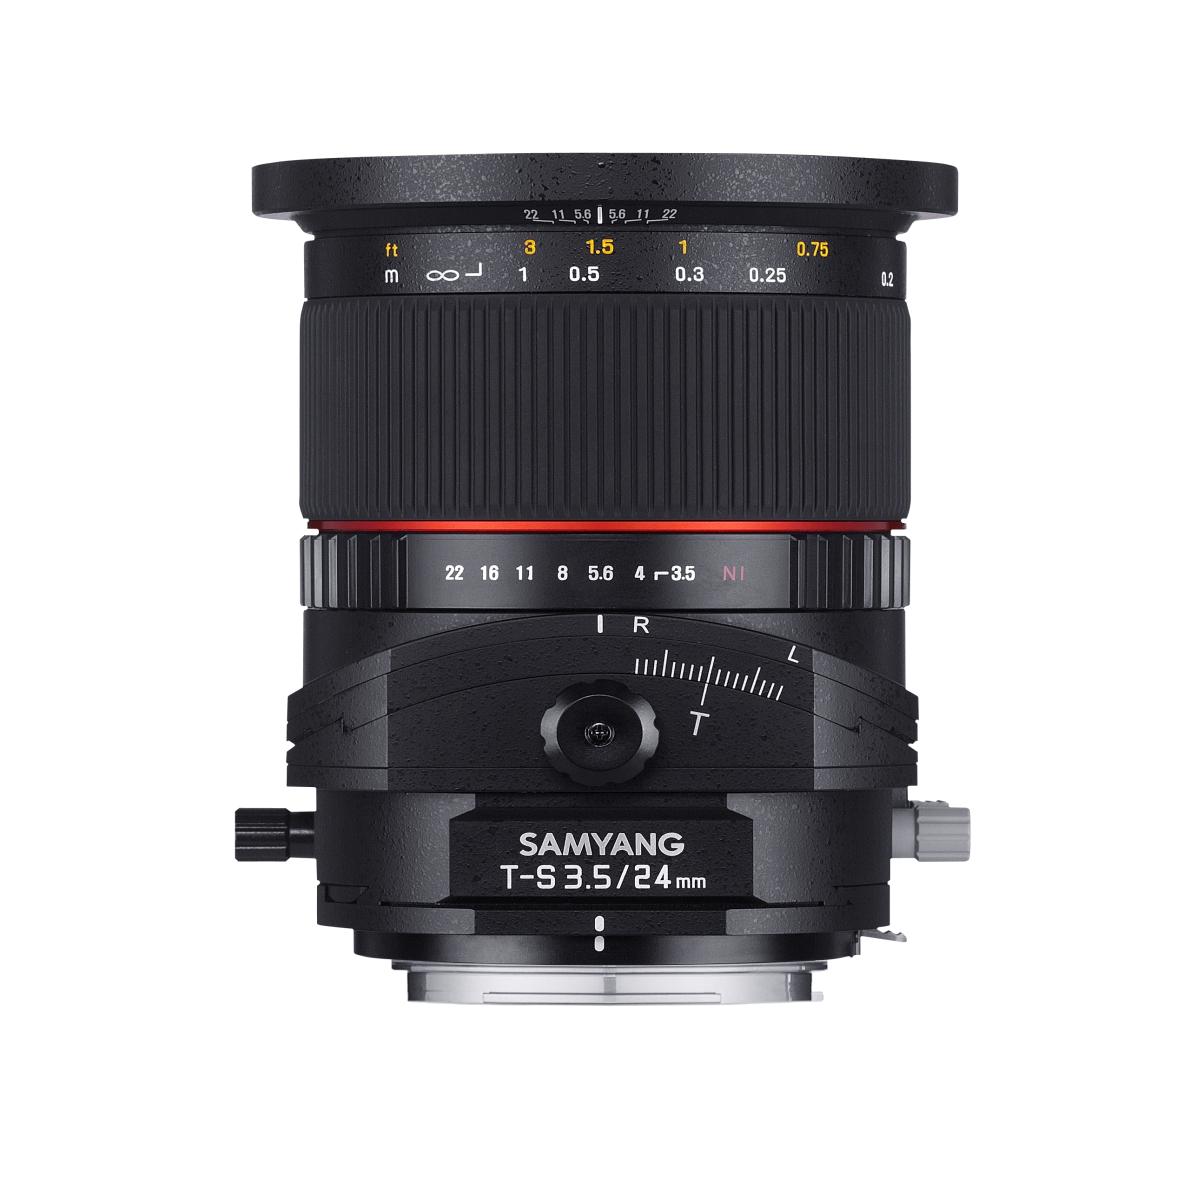 Samyang Tilt-Shift 24 mm 1:3,5 für Sony E